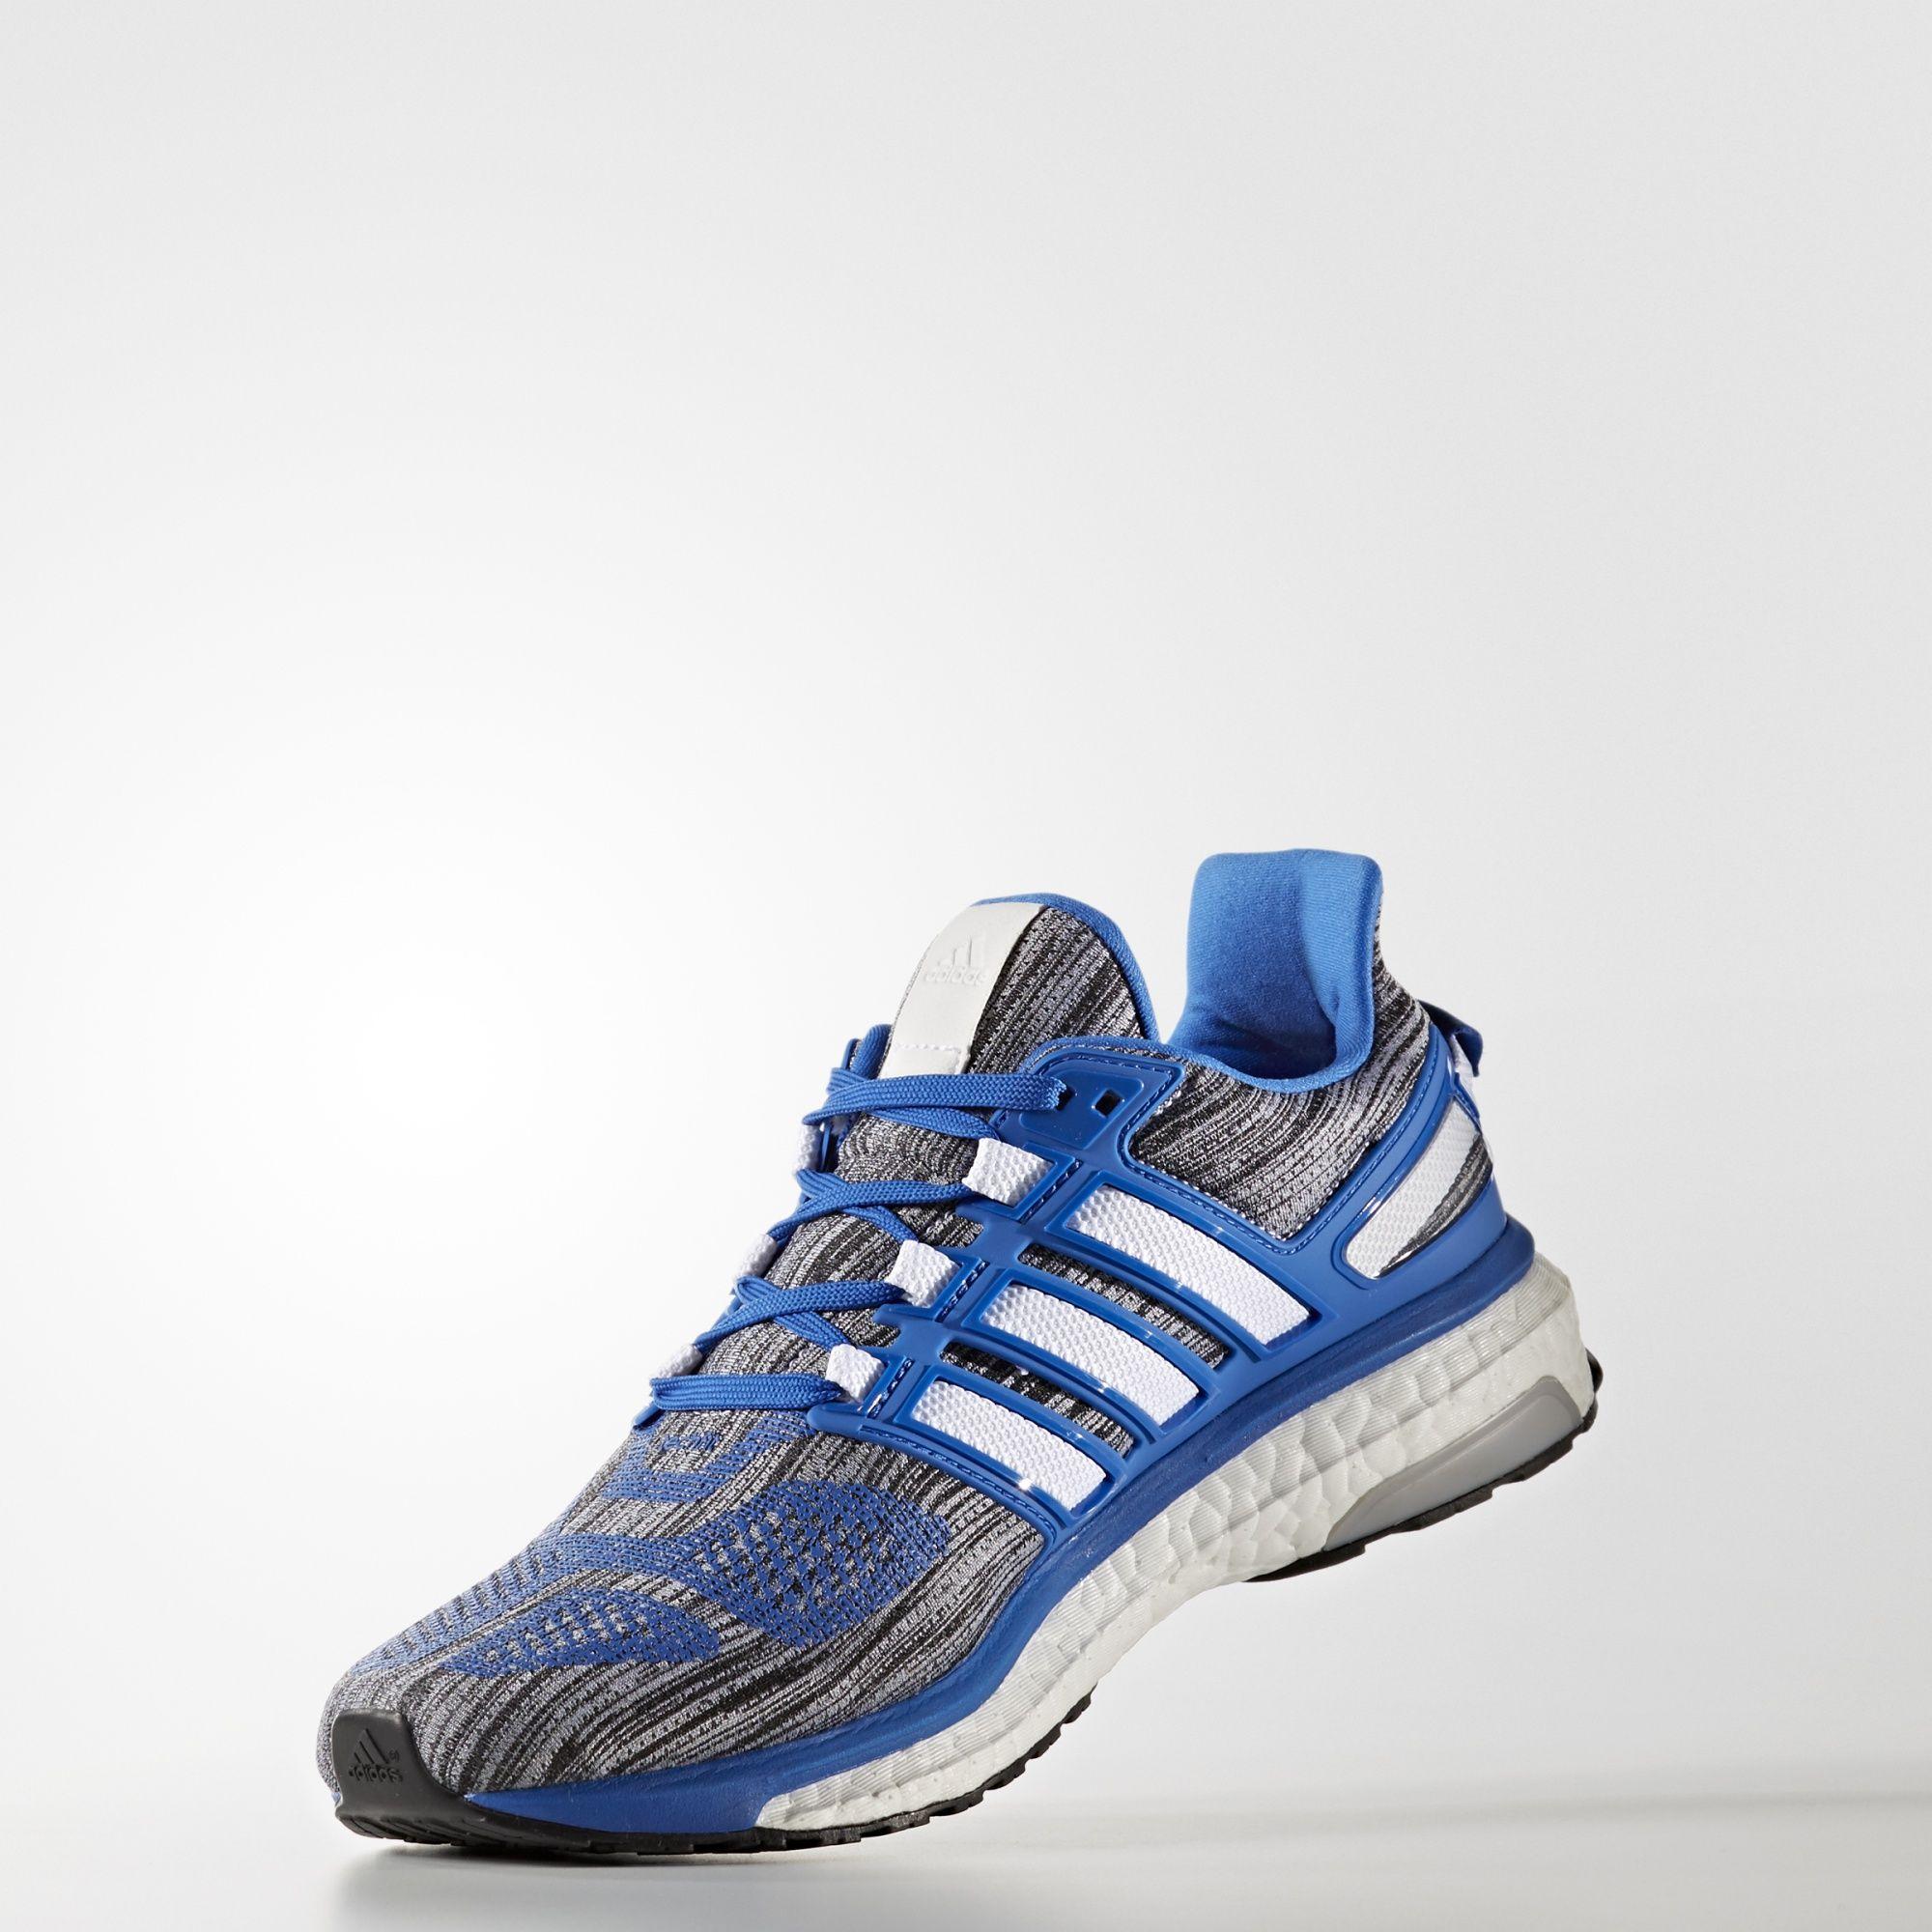 d0763afb Покупка кроссовок и их выбор - Лента новостей Чернигова